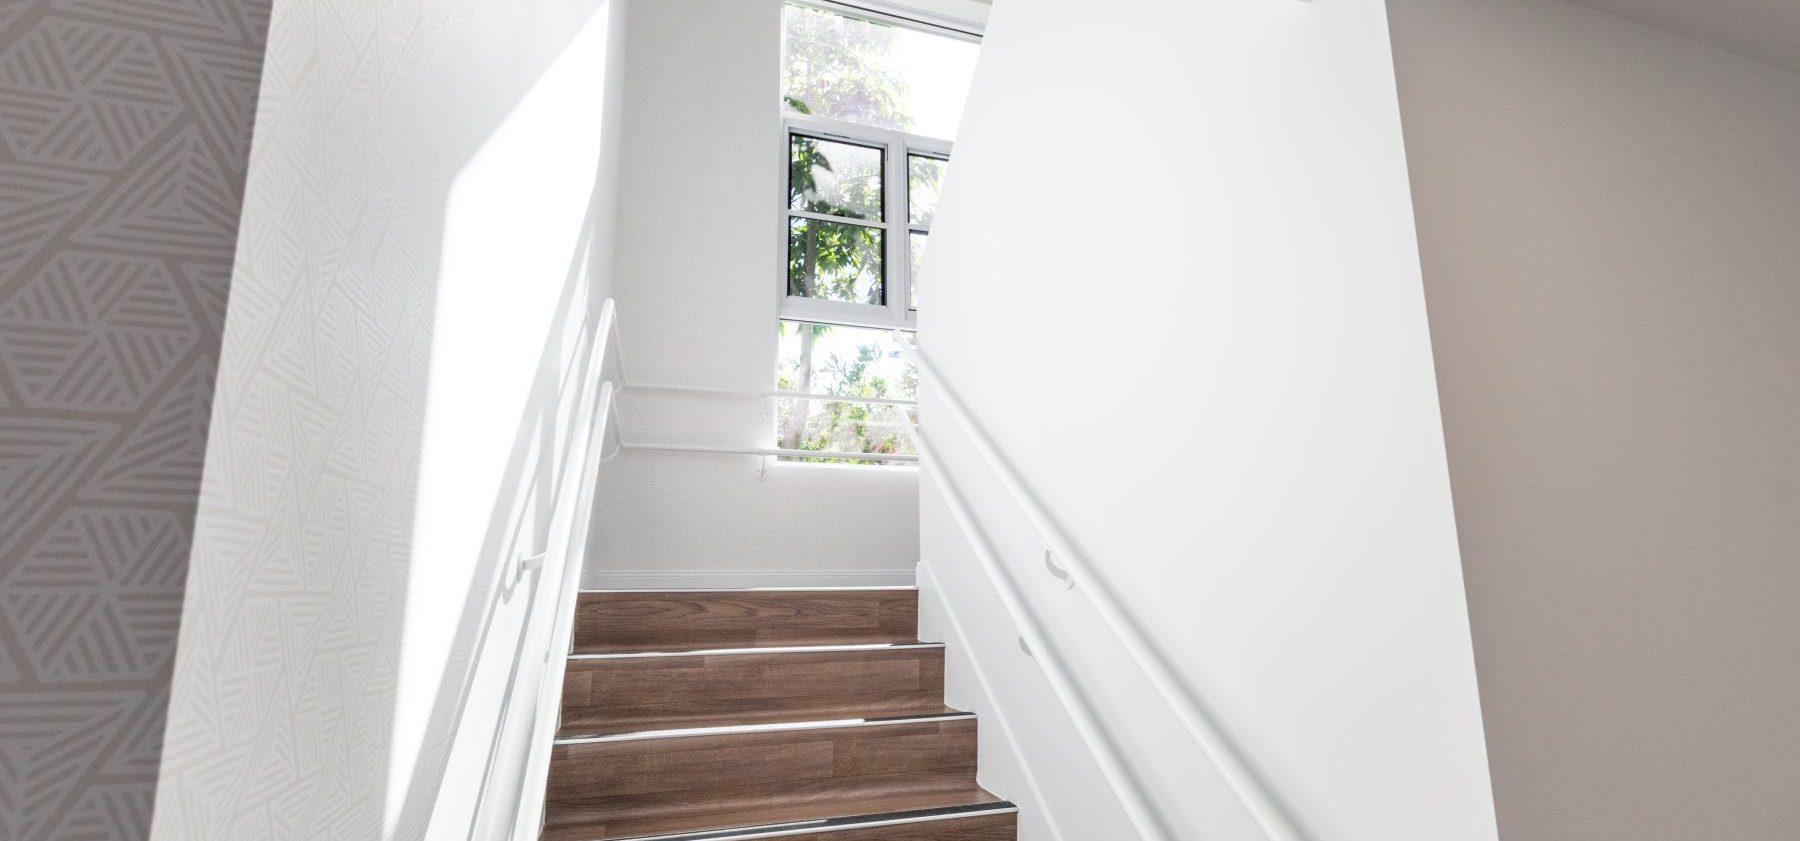 Eden Academy Bardon Interior Staircase